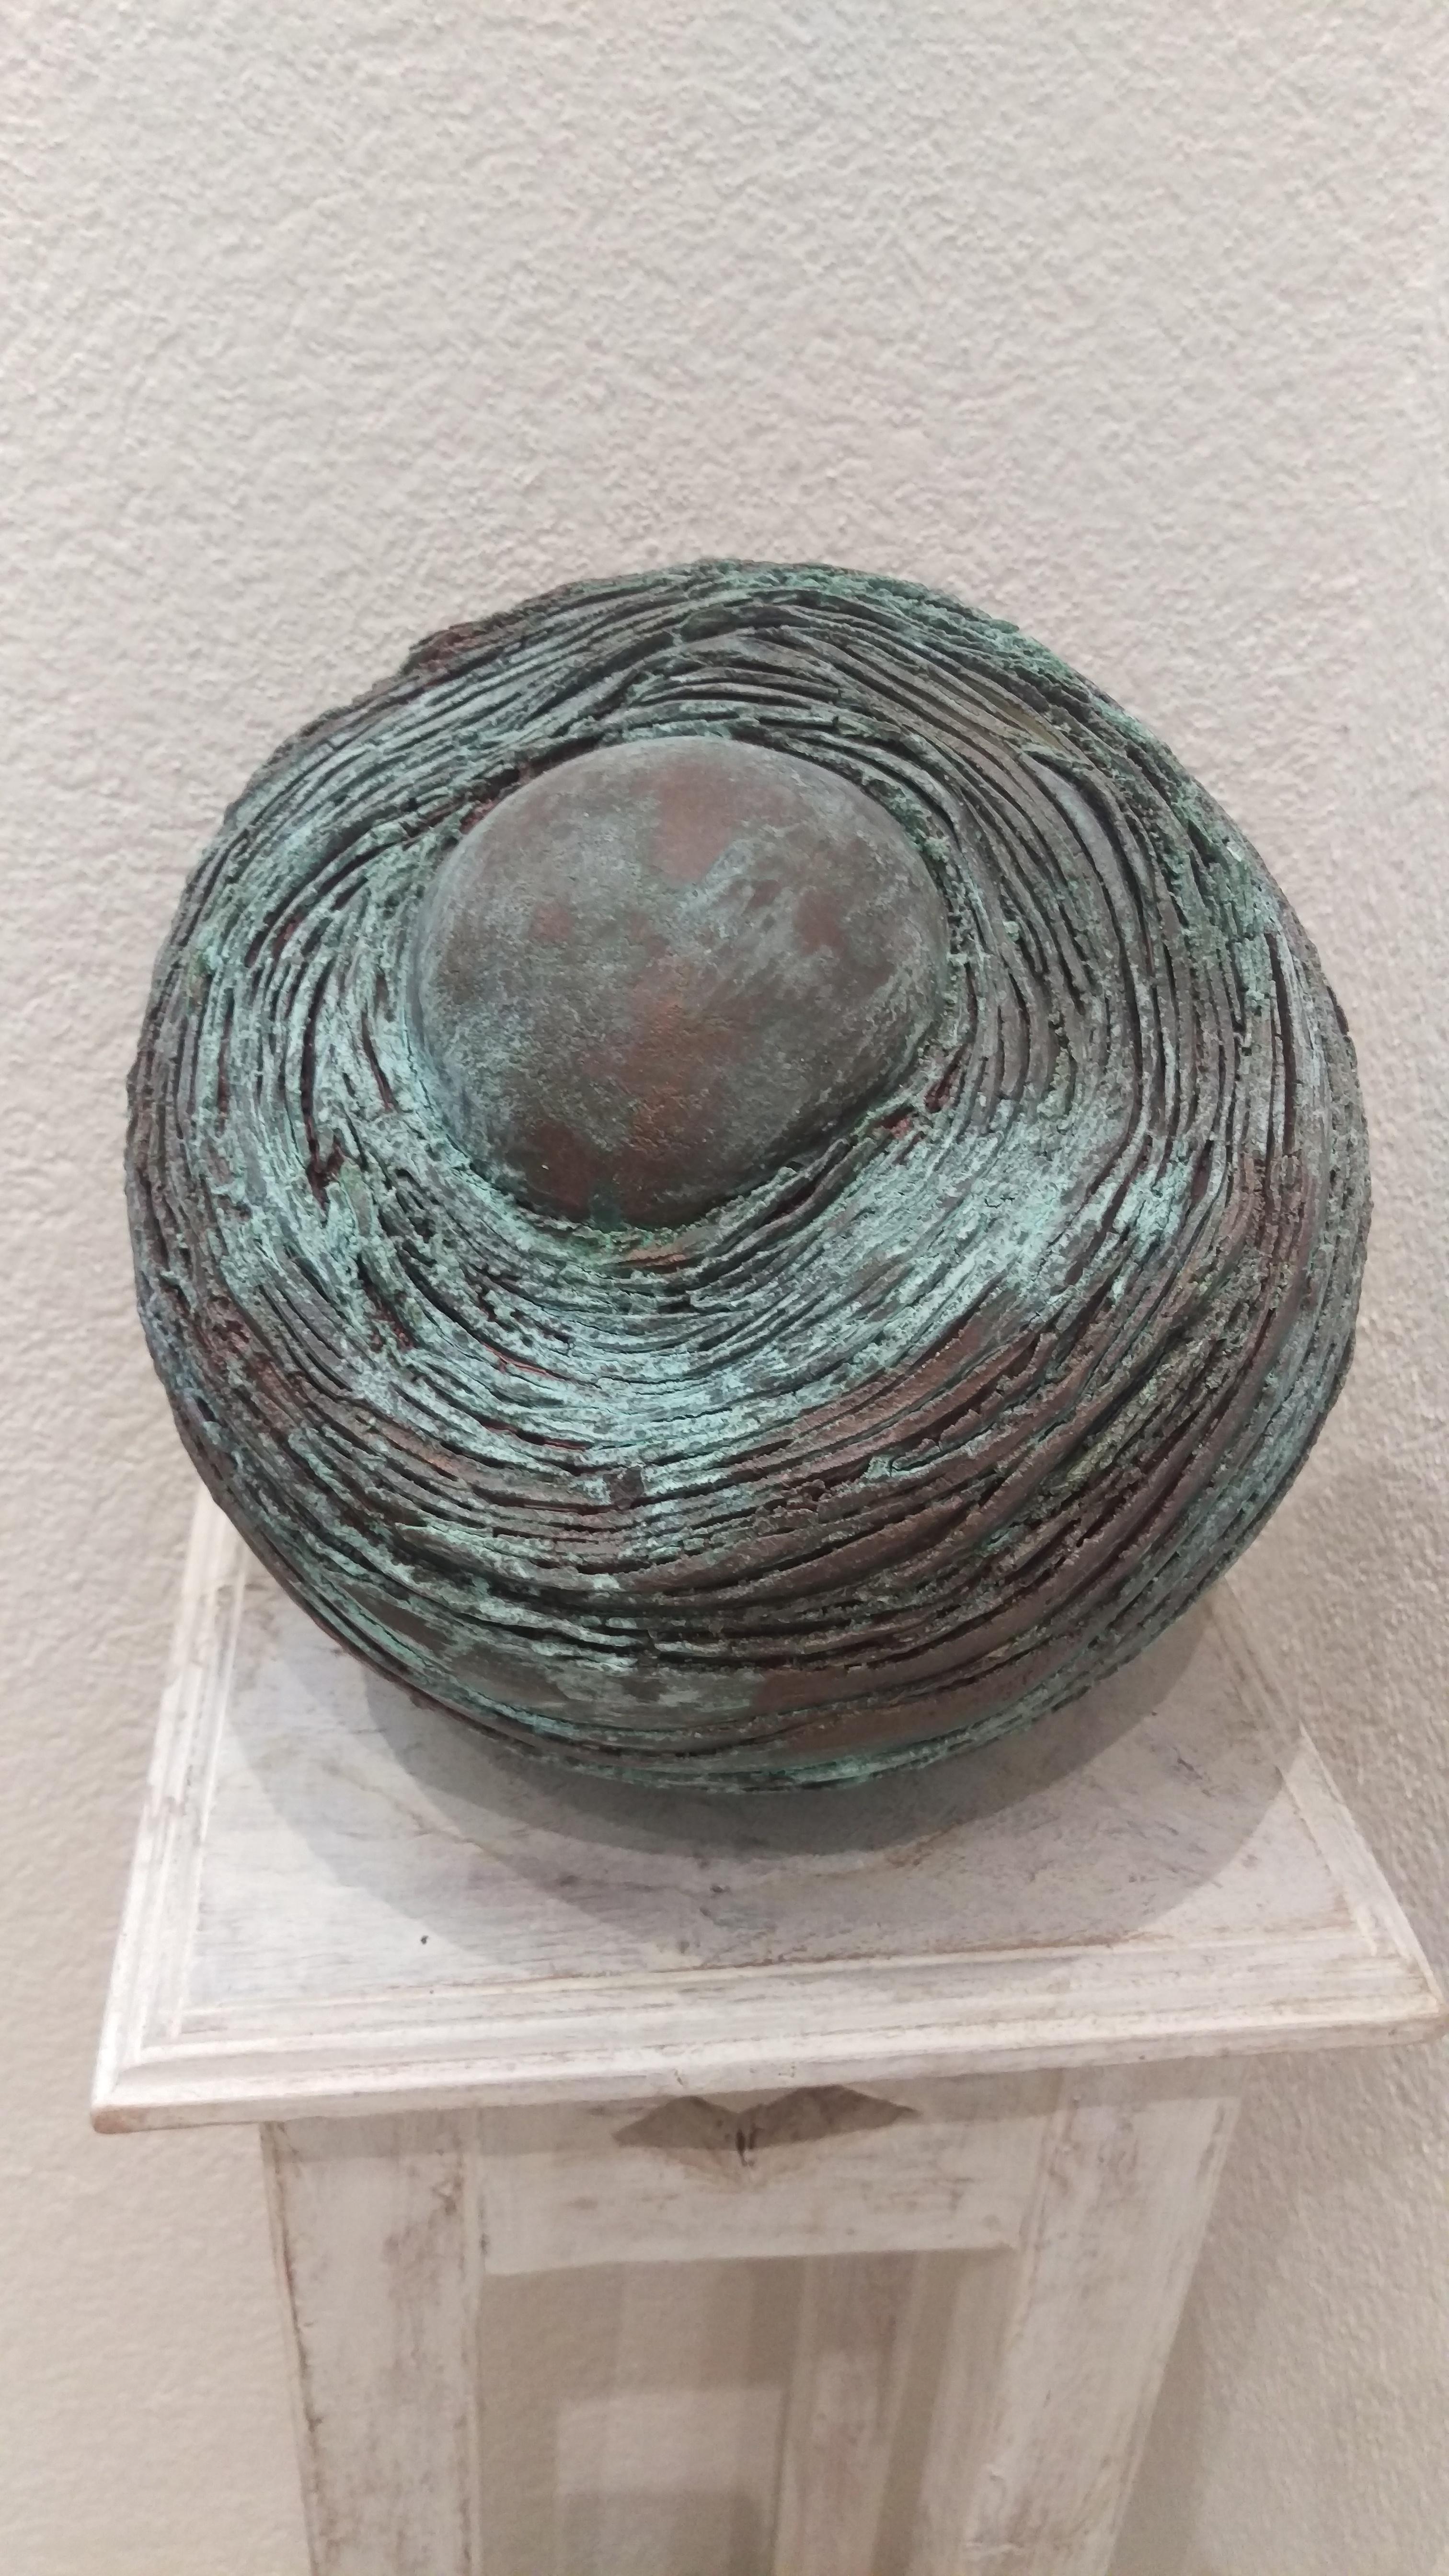 Kugel, Bronze imitiert